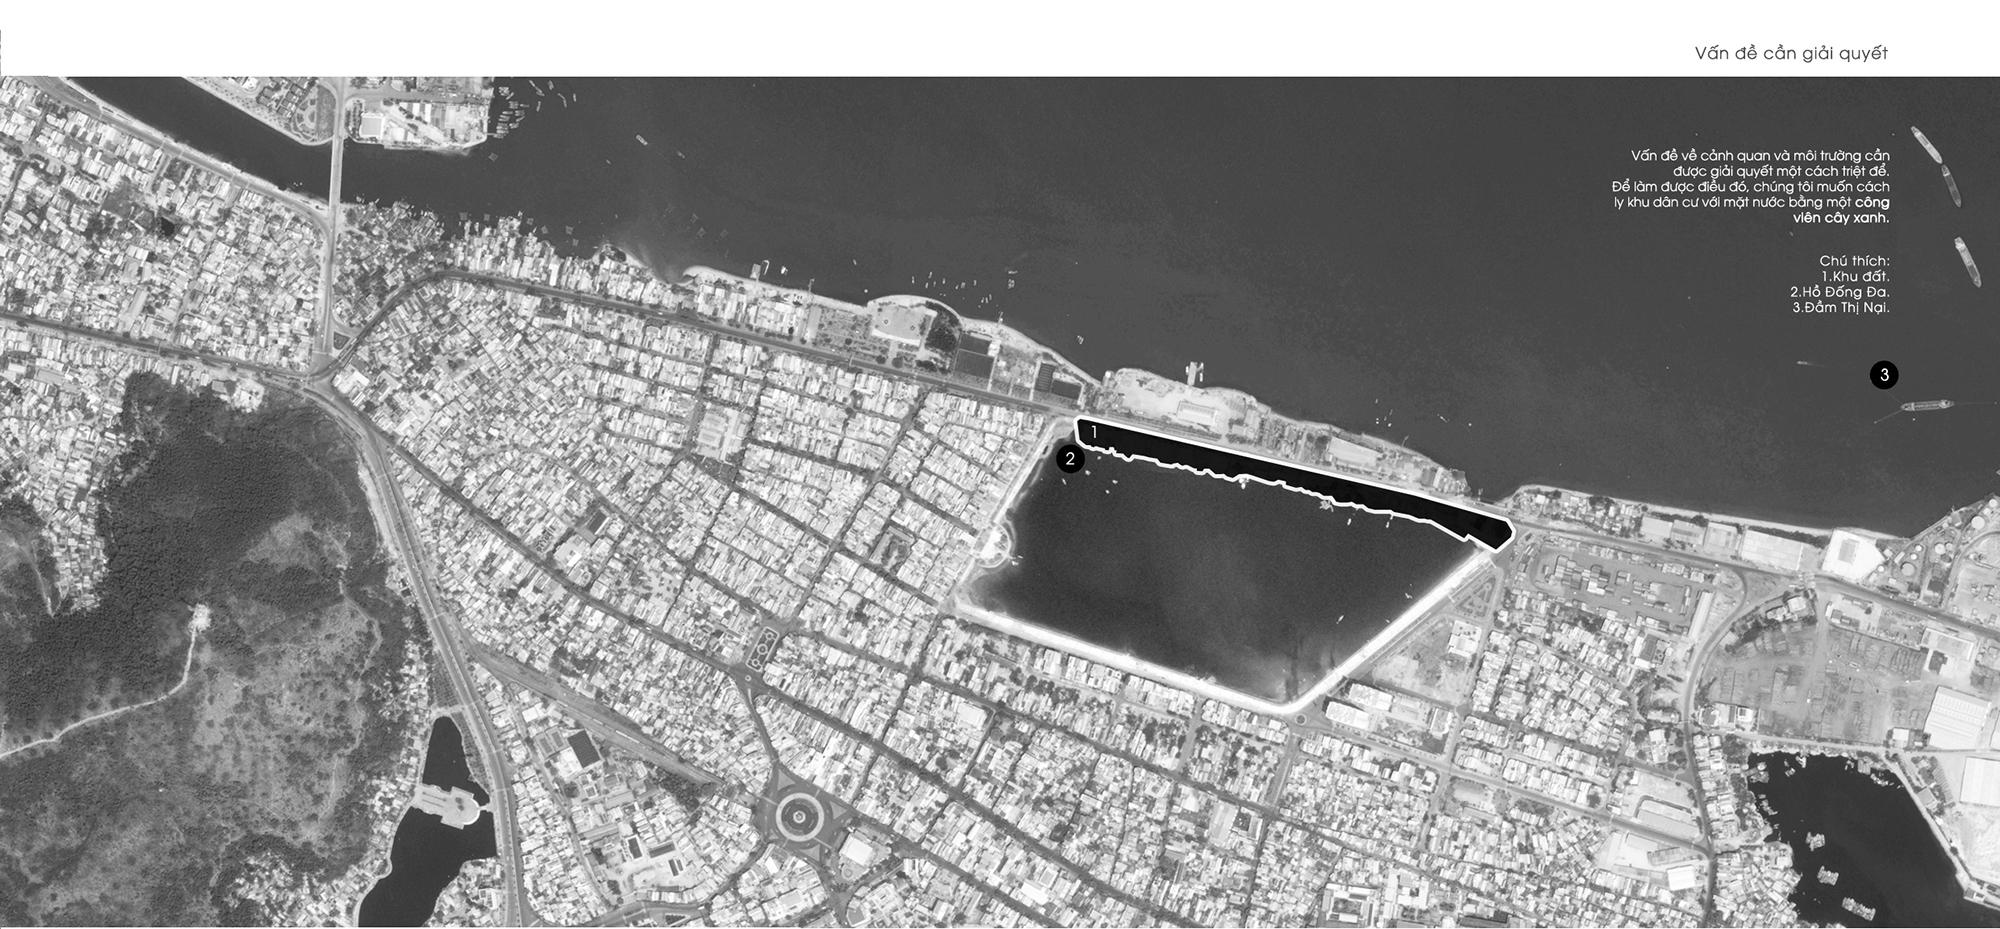 Cải tạo hồ sinh thái Đống Đa / MIA Design Studio 1